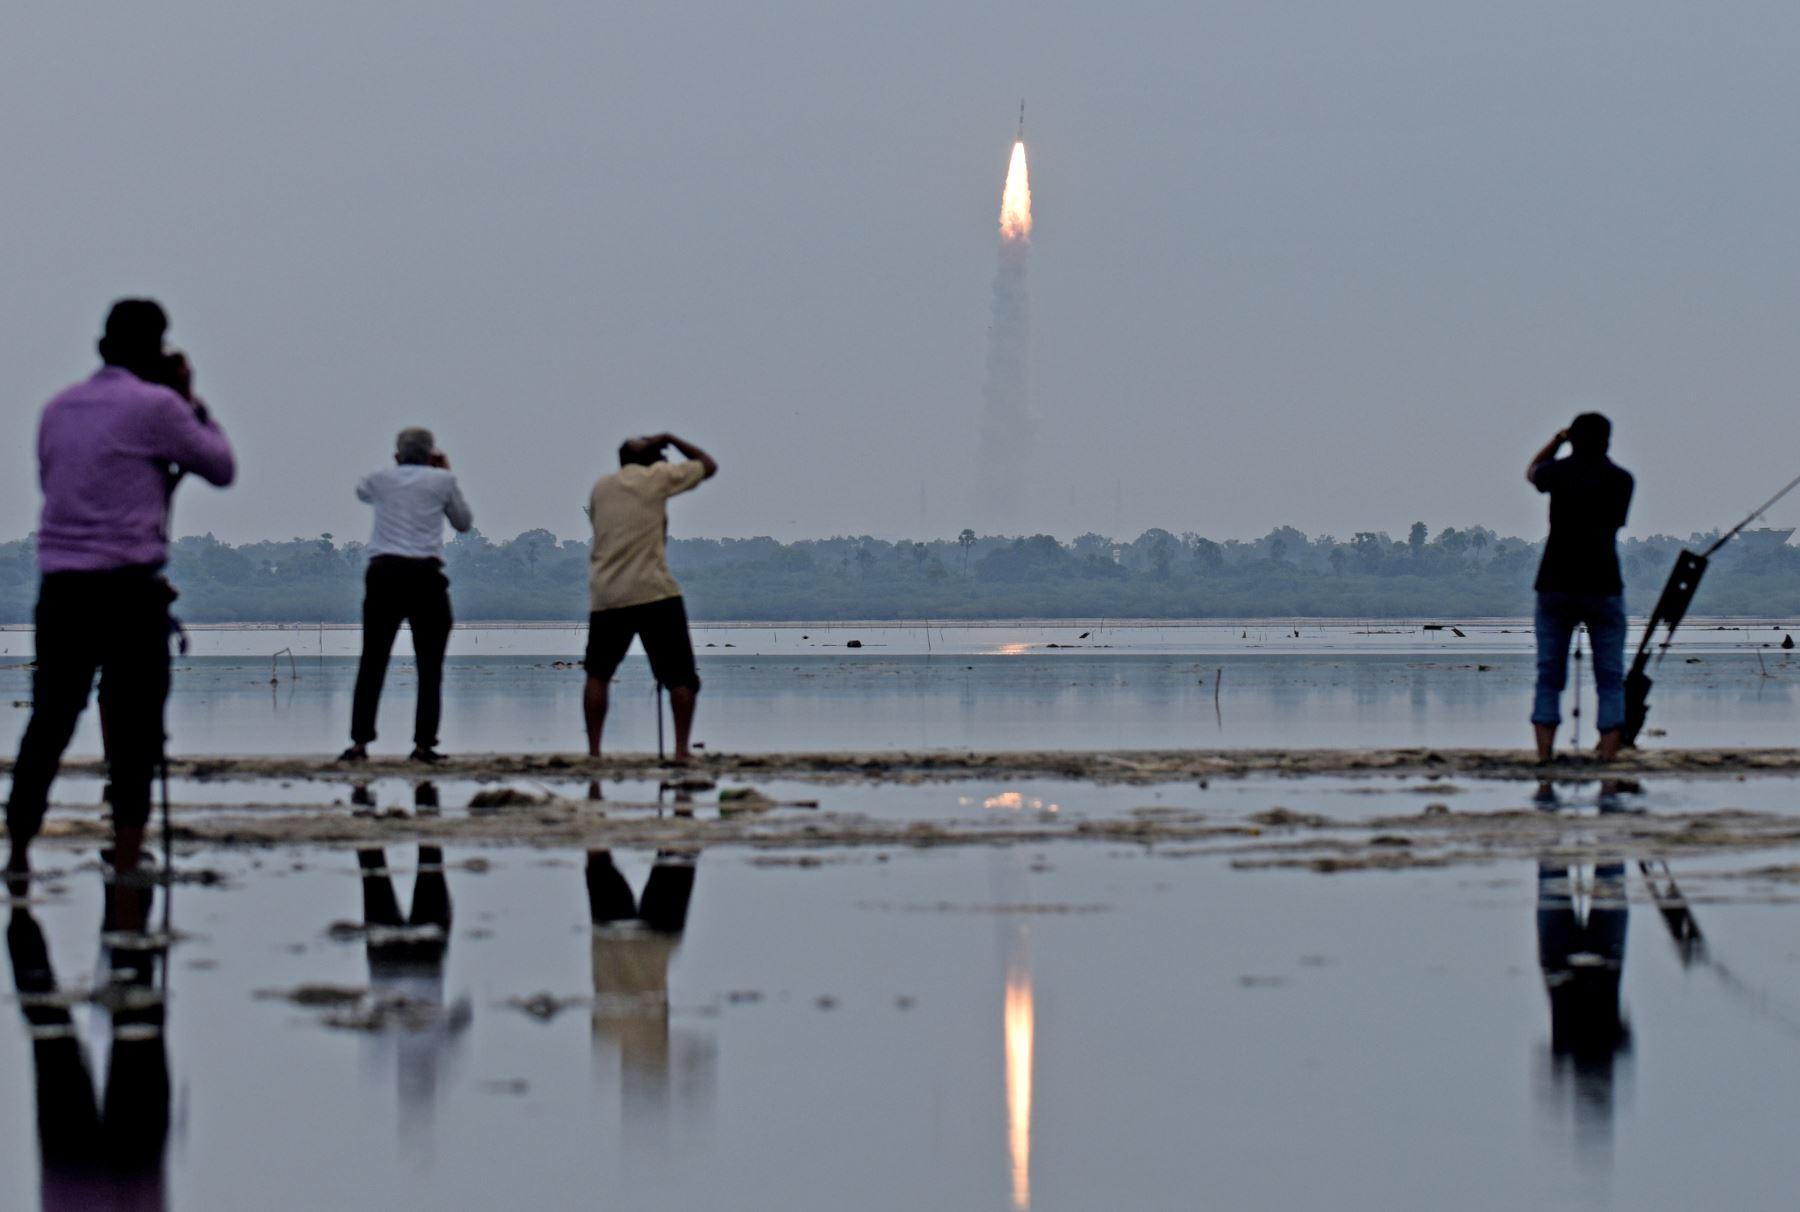 Lanzamiento del Polar Satellite Launch Vehicle (PSLV-C35), equipo que será utilizado para monitorizar los océanos y el clima en Sriharikota. Foto: AFP